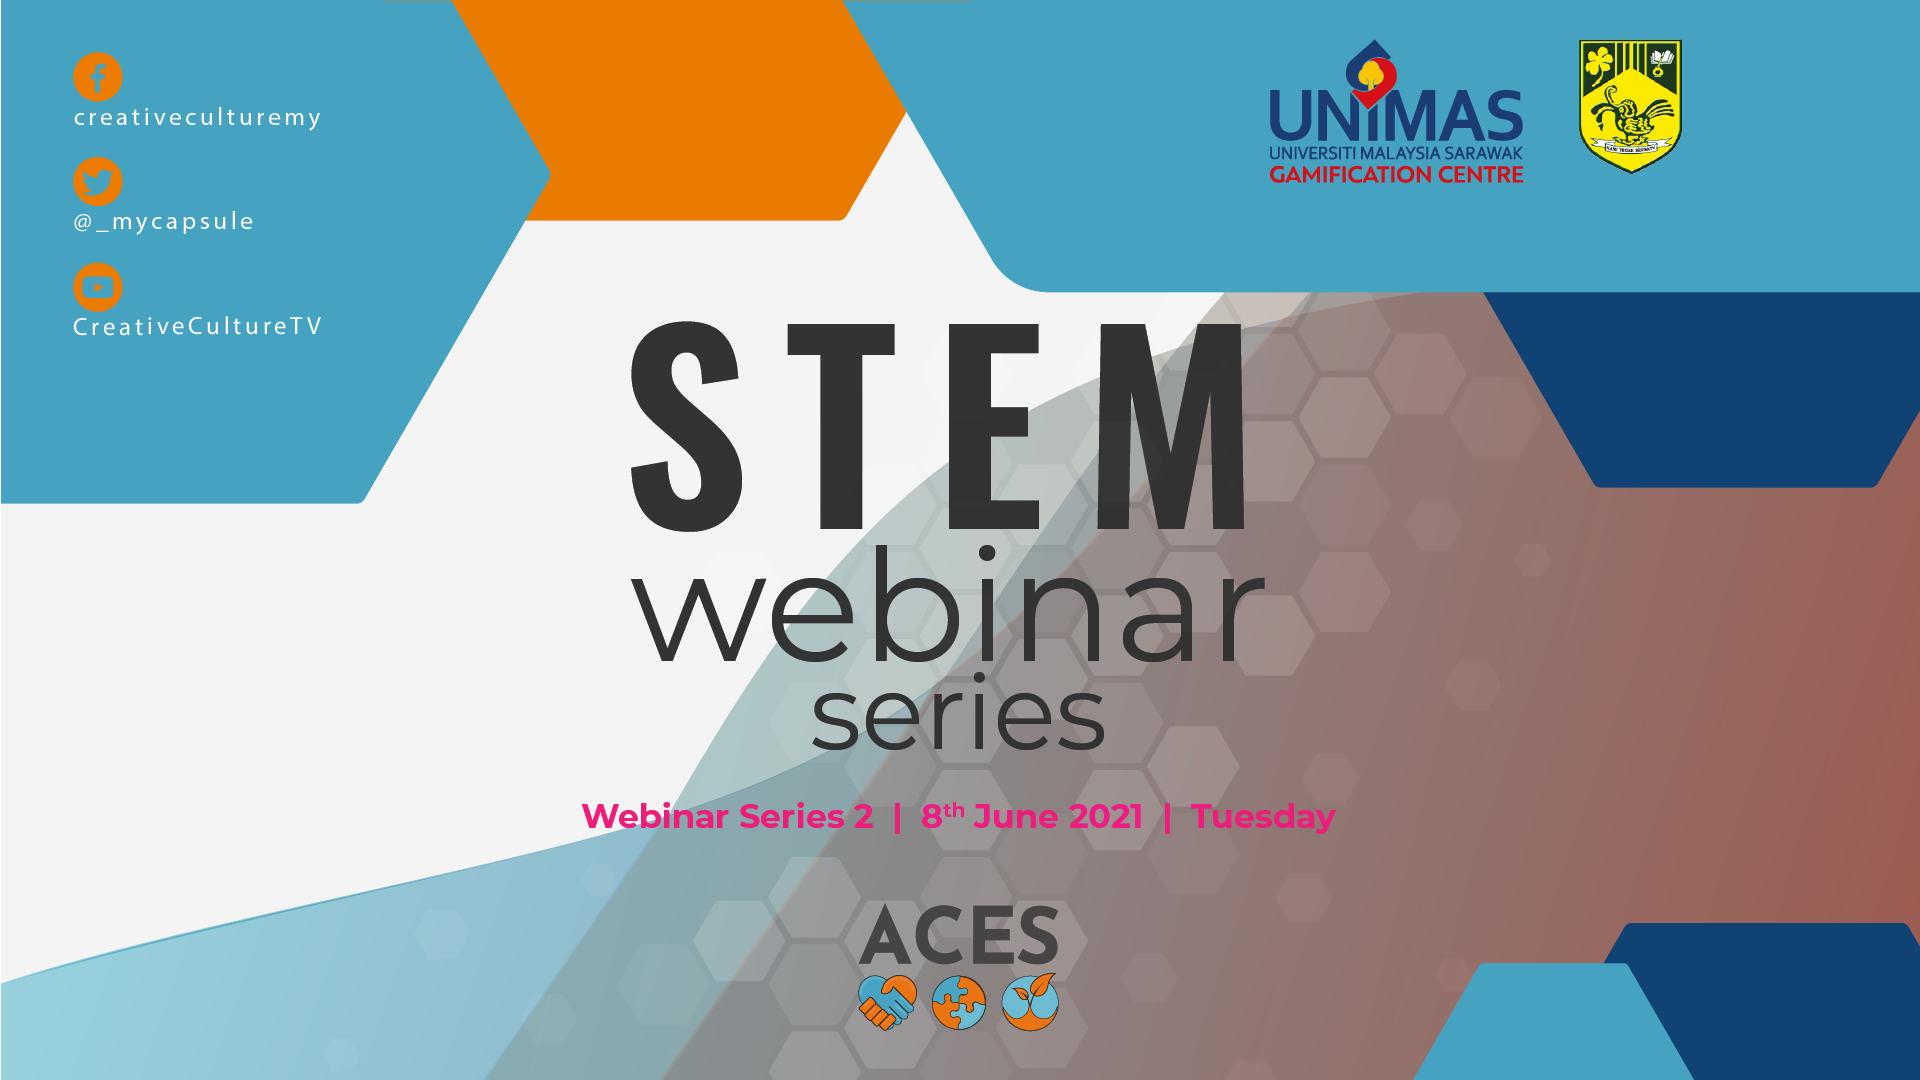 STEM Webinar Series 2, 8th June 2021